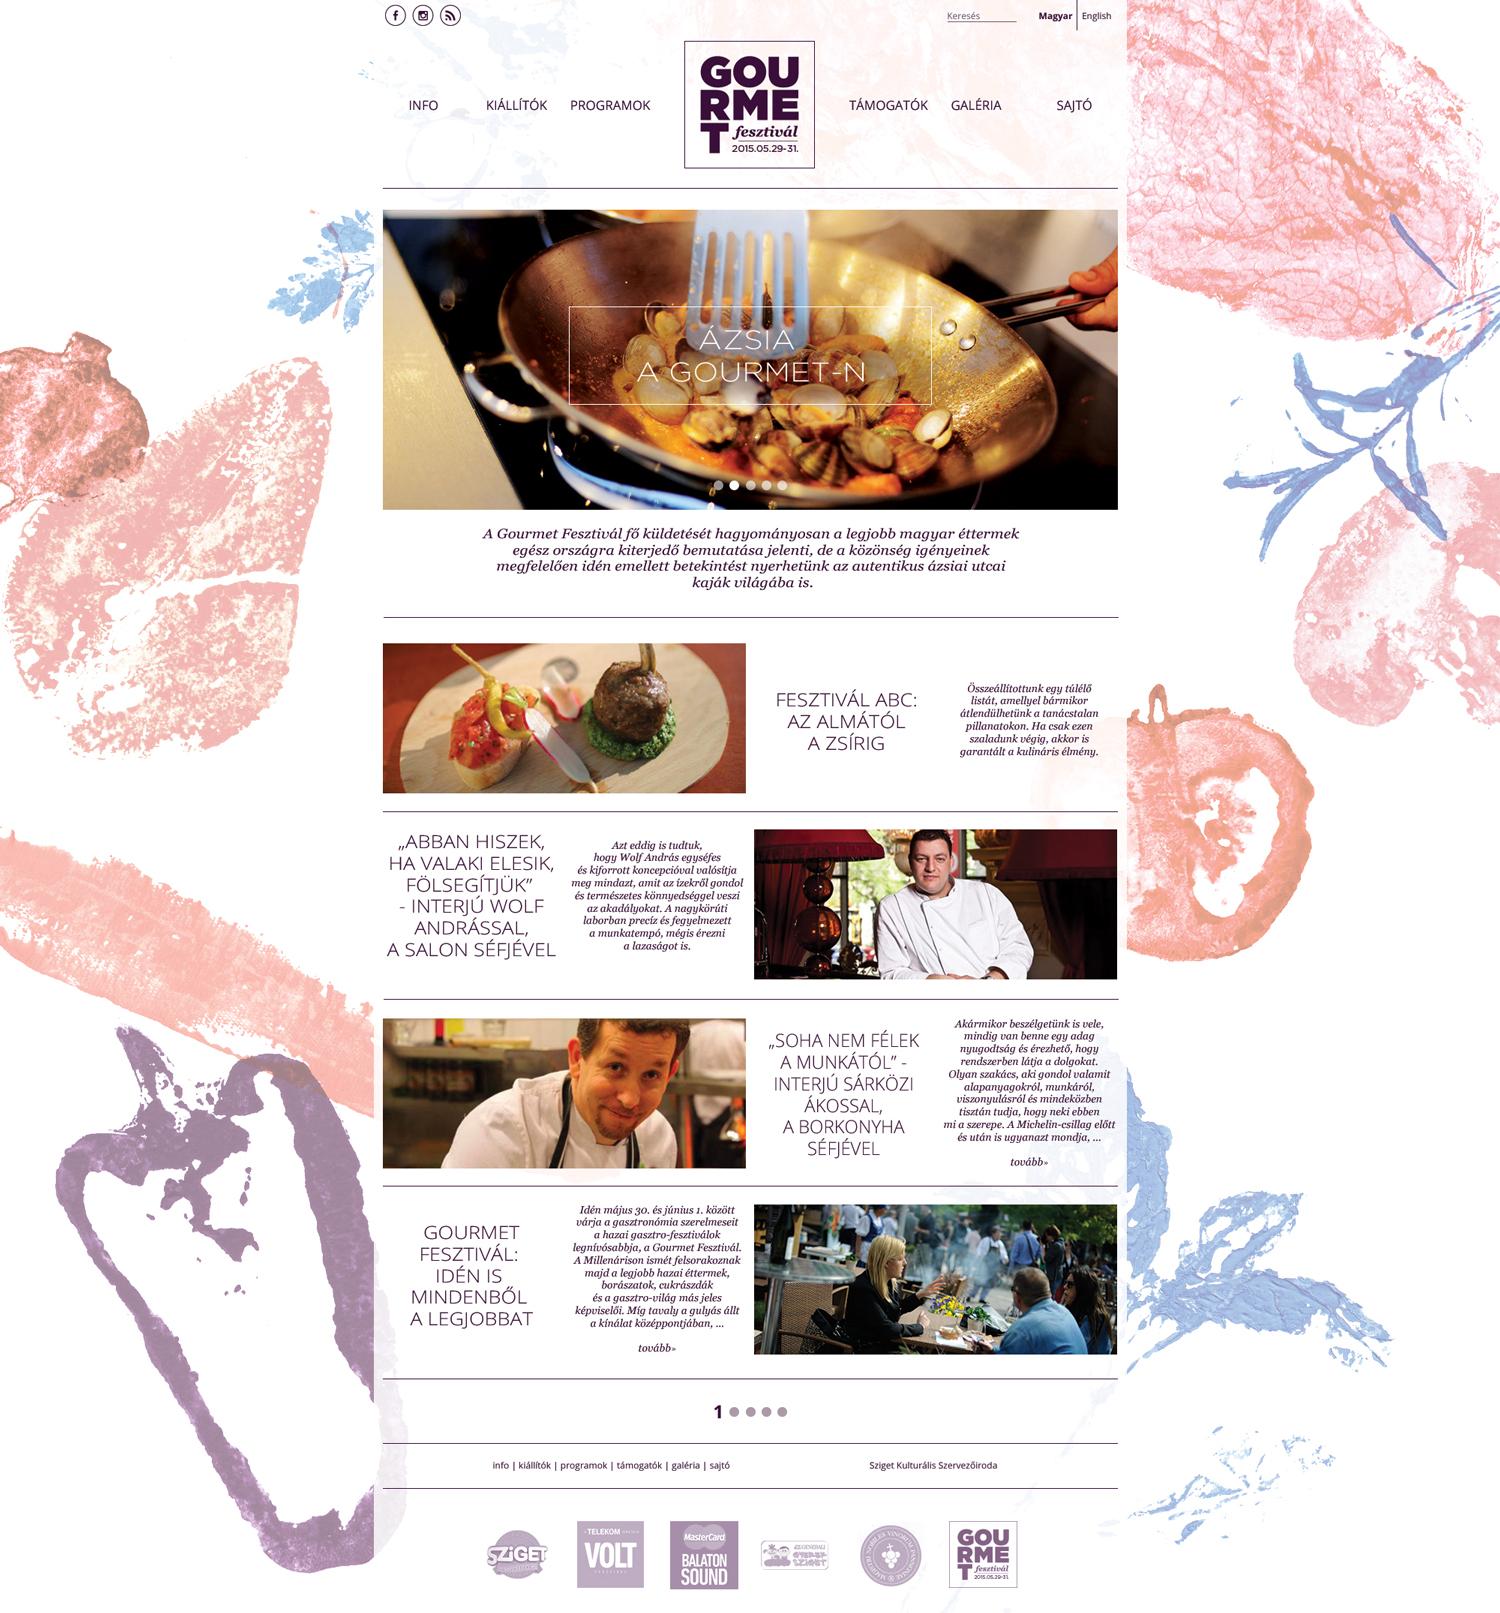 gourmet_web_v2.jpg